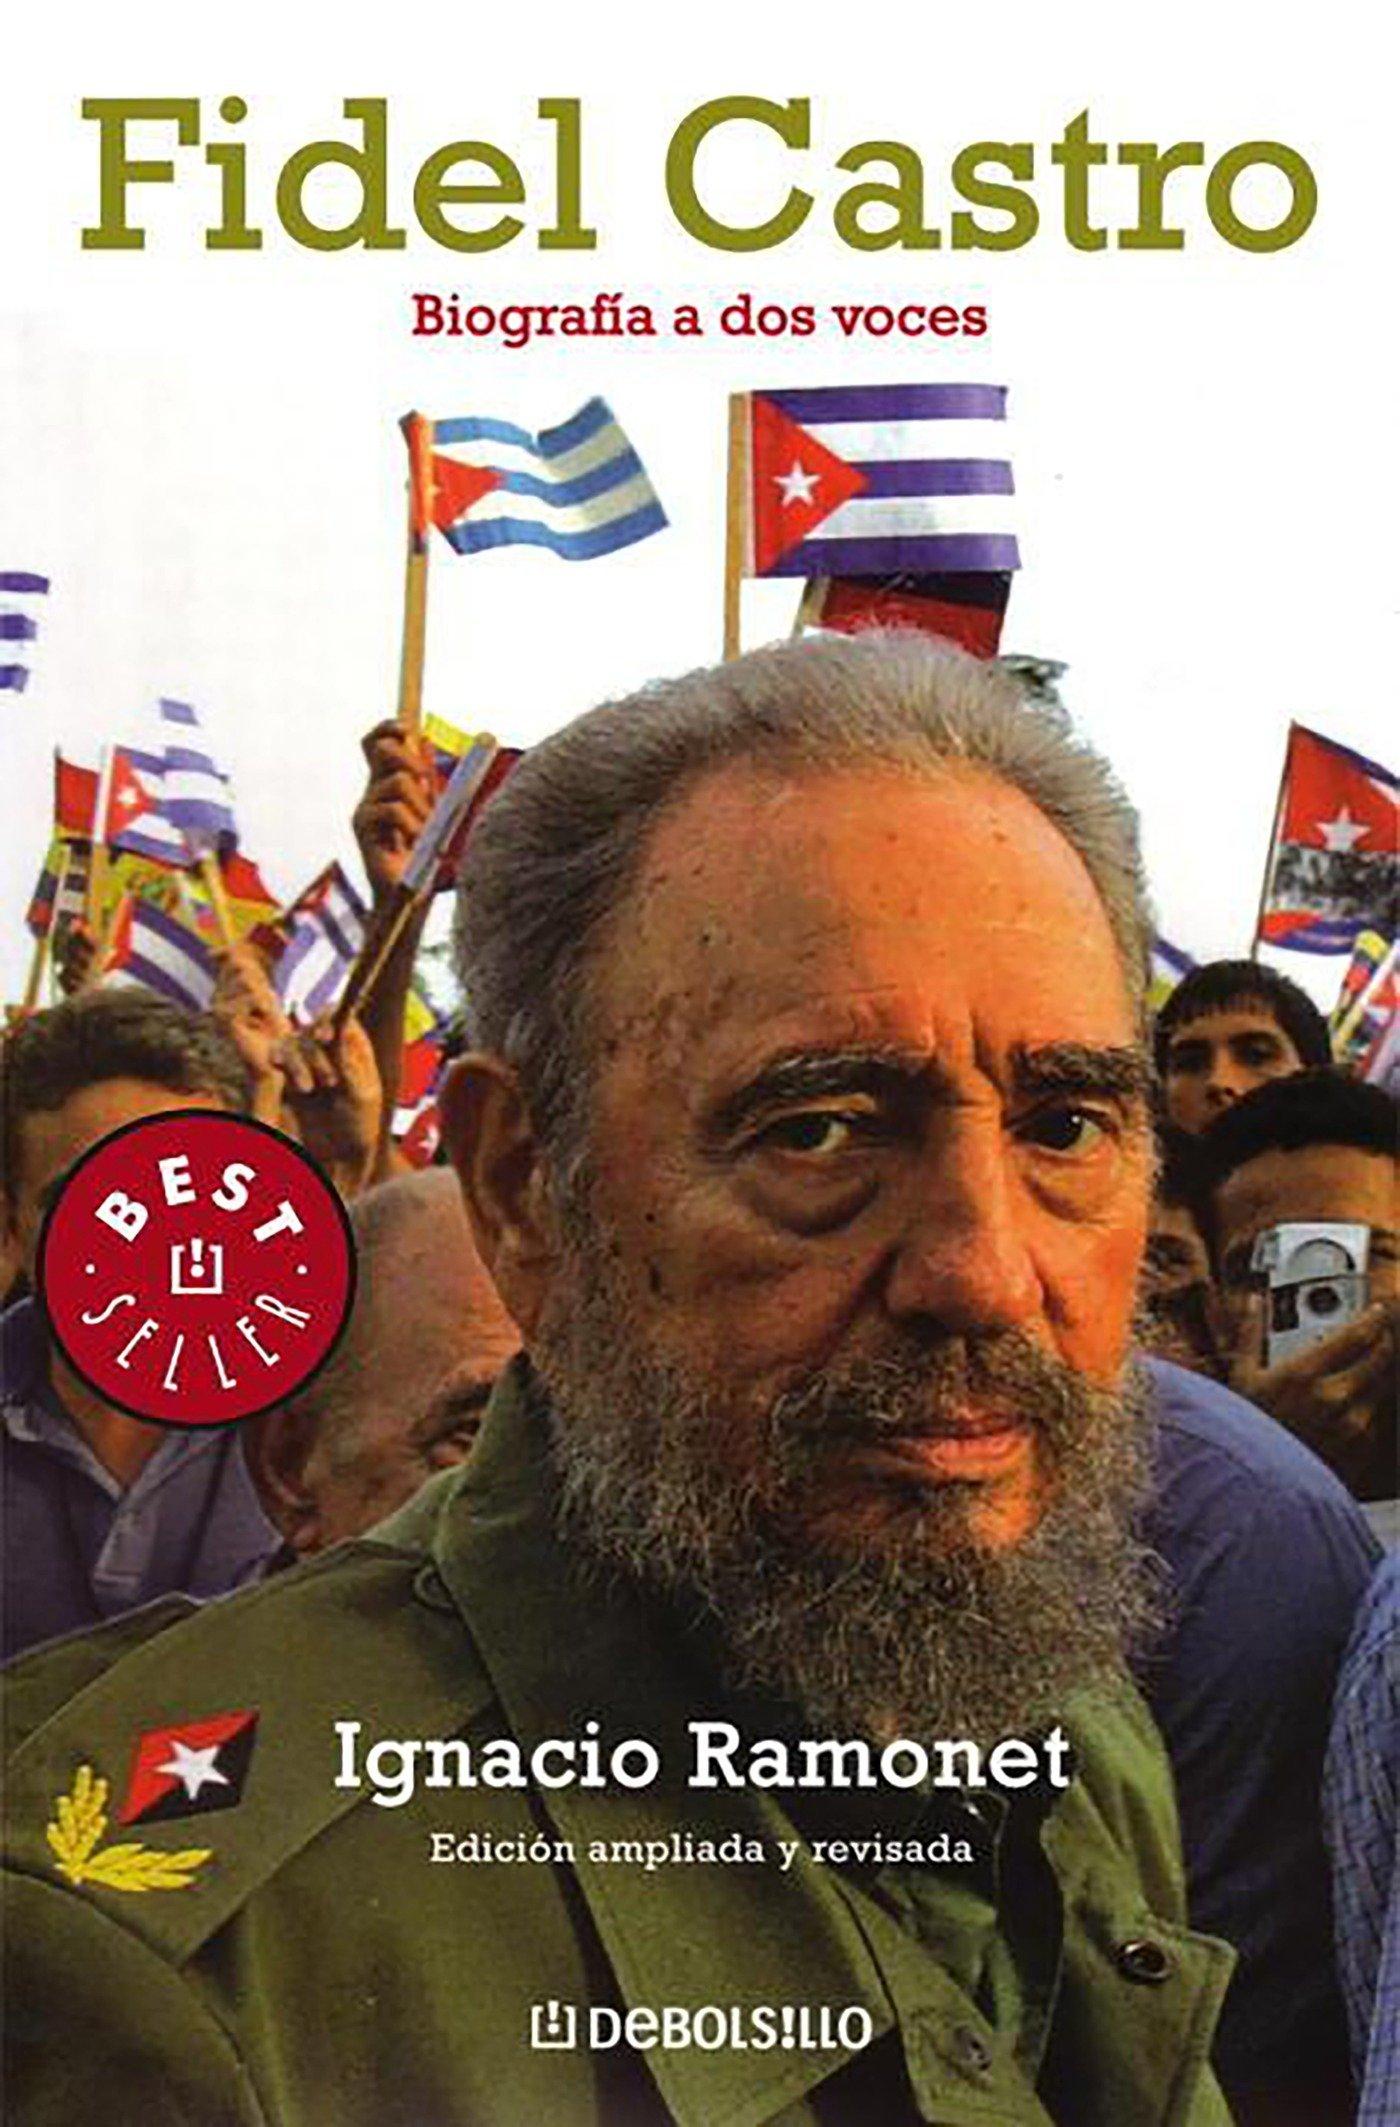 Fidel Castro: Biografia a dos voces (Best Seller (Debolsillo)) (Spanish Edition)